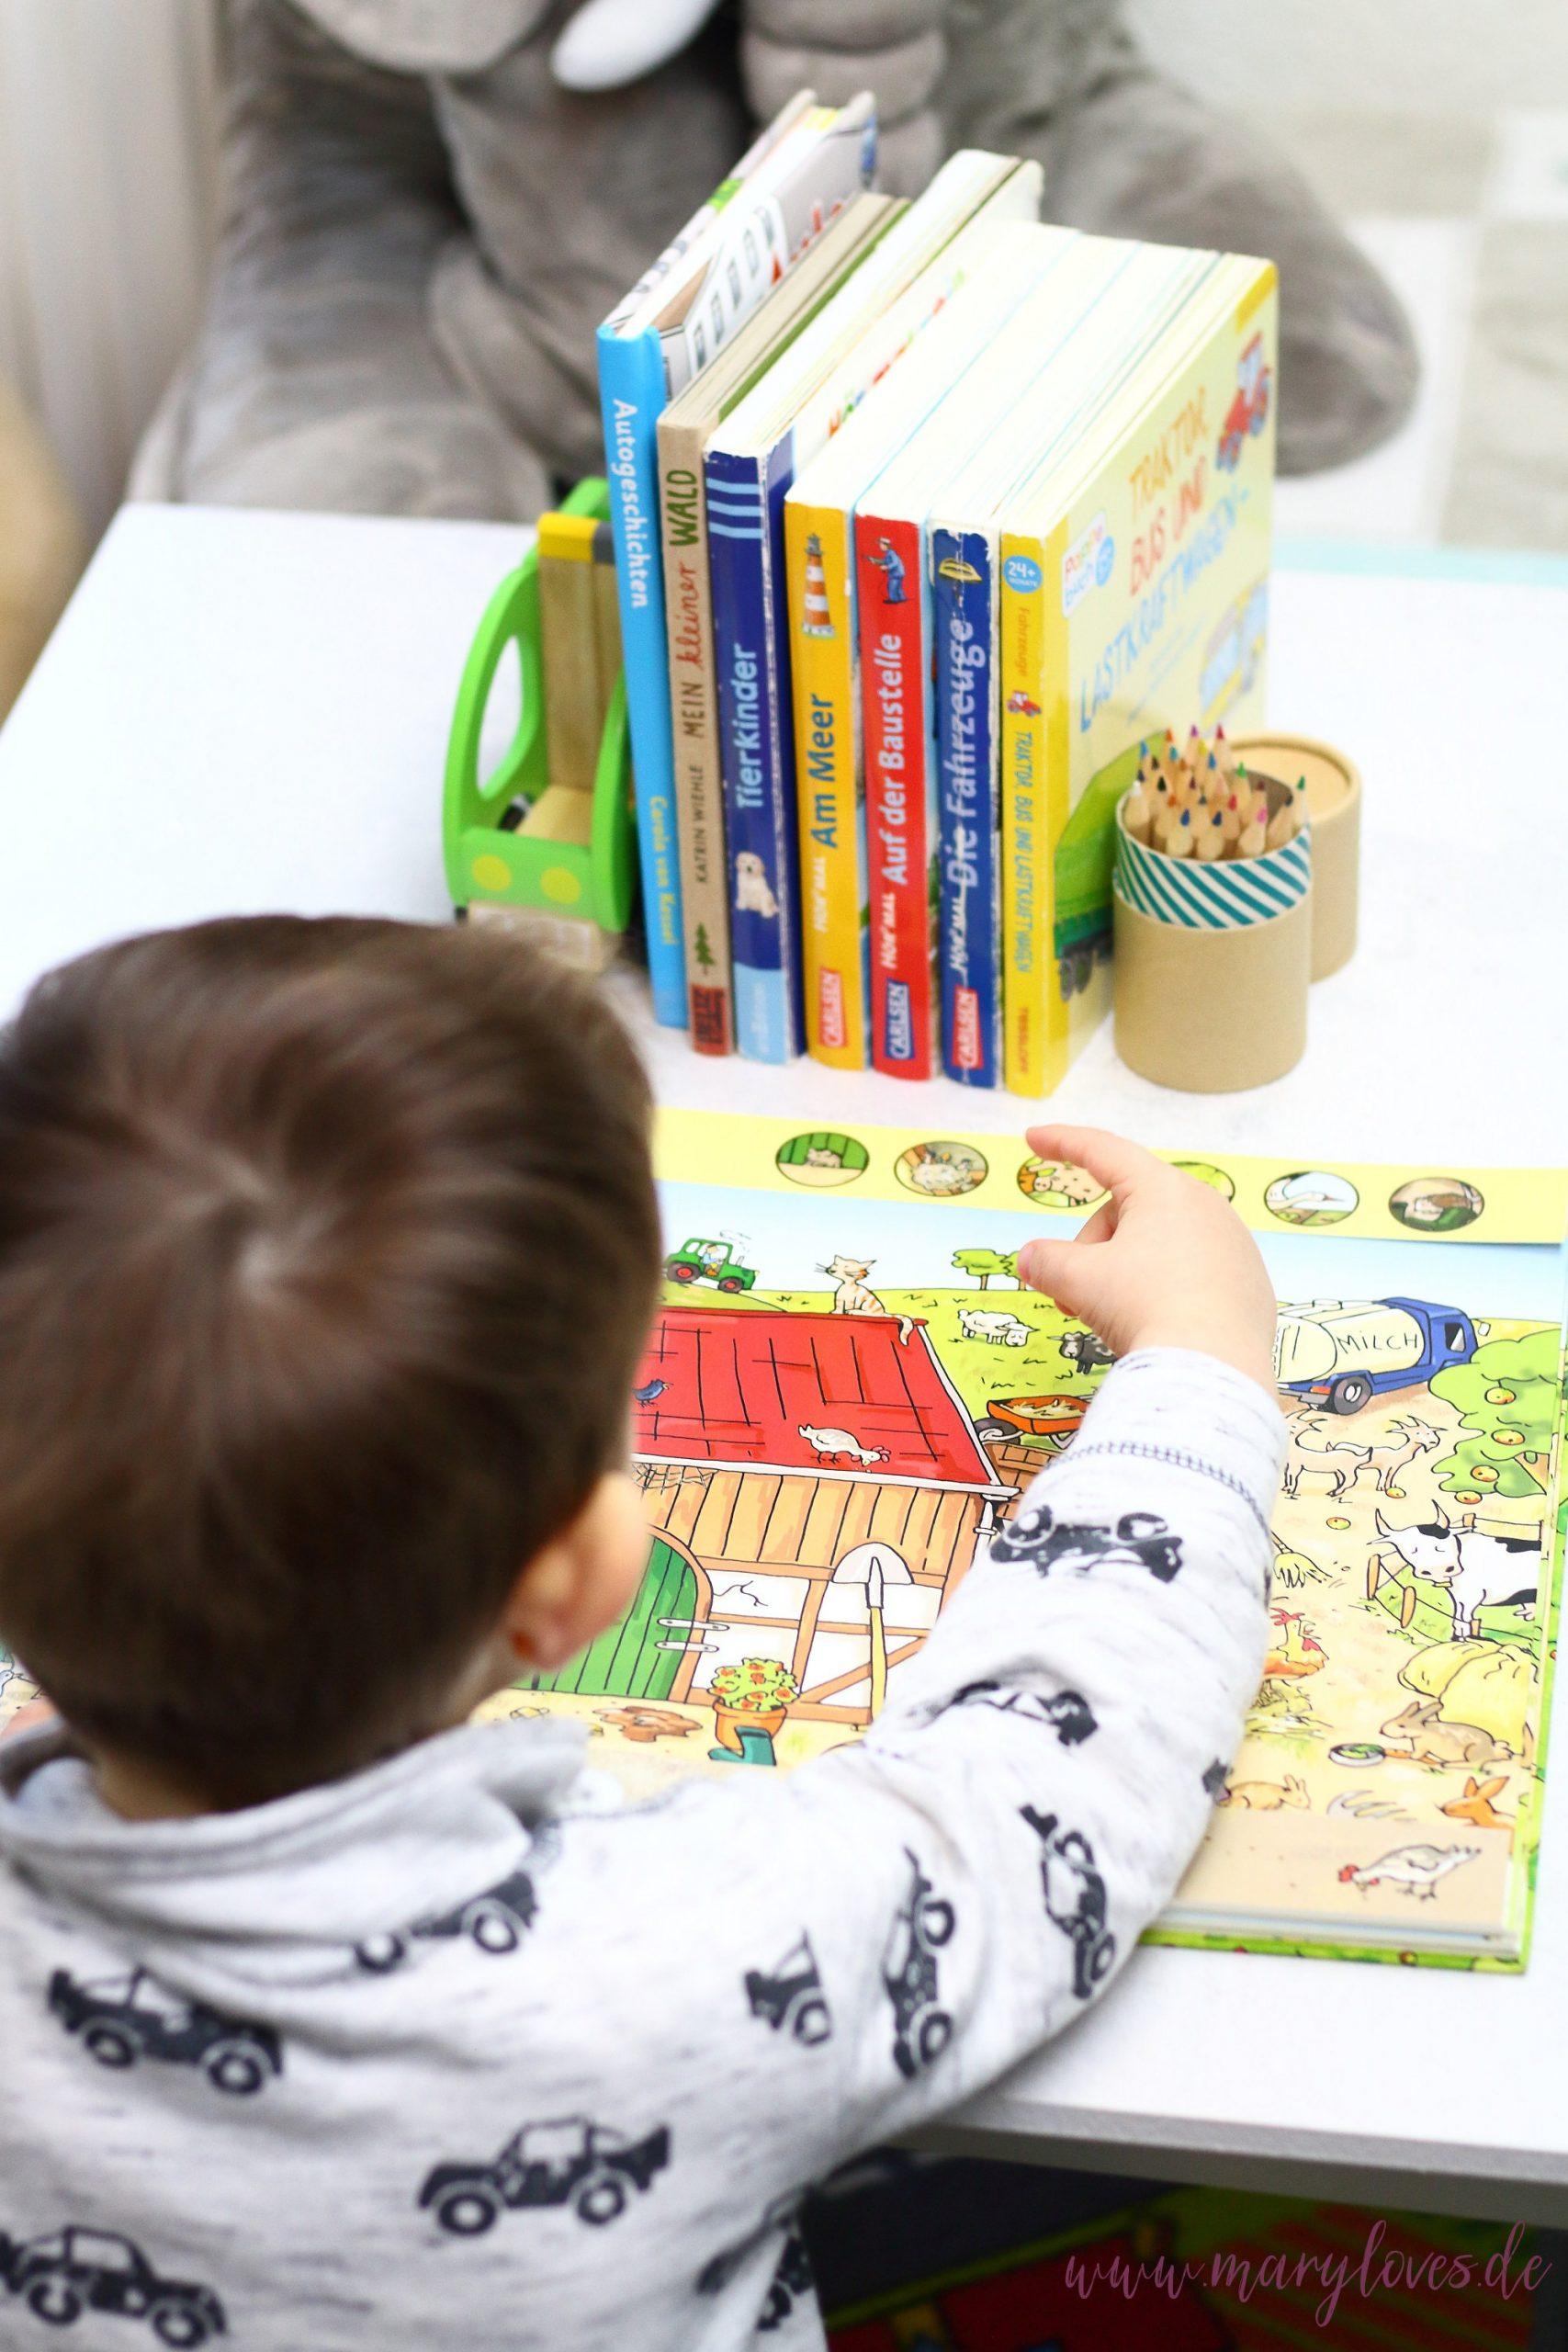 11 Spiel- & Beschäftigungsideen für Kleinkinder bei schlechten Wetter. - Tipp 9: Bücher lesen, vorlesen oder anschauen